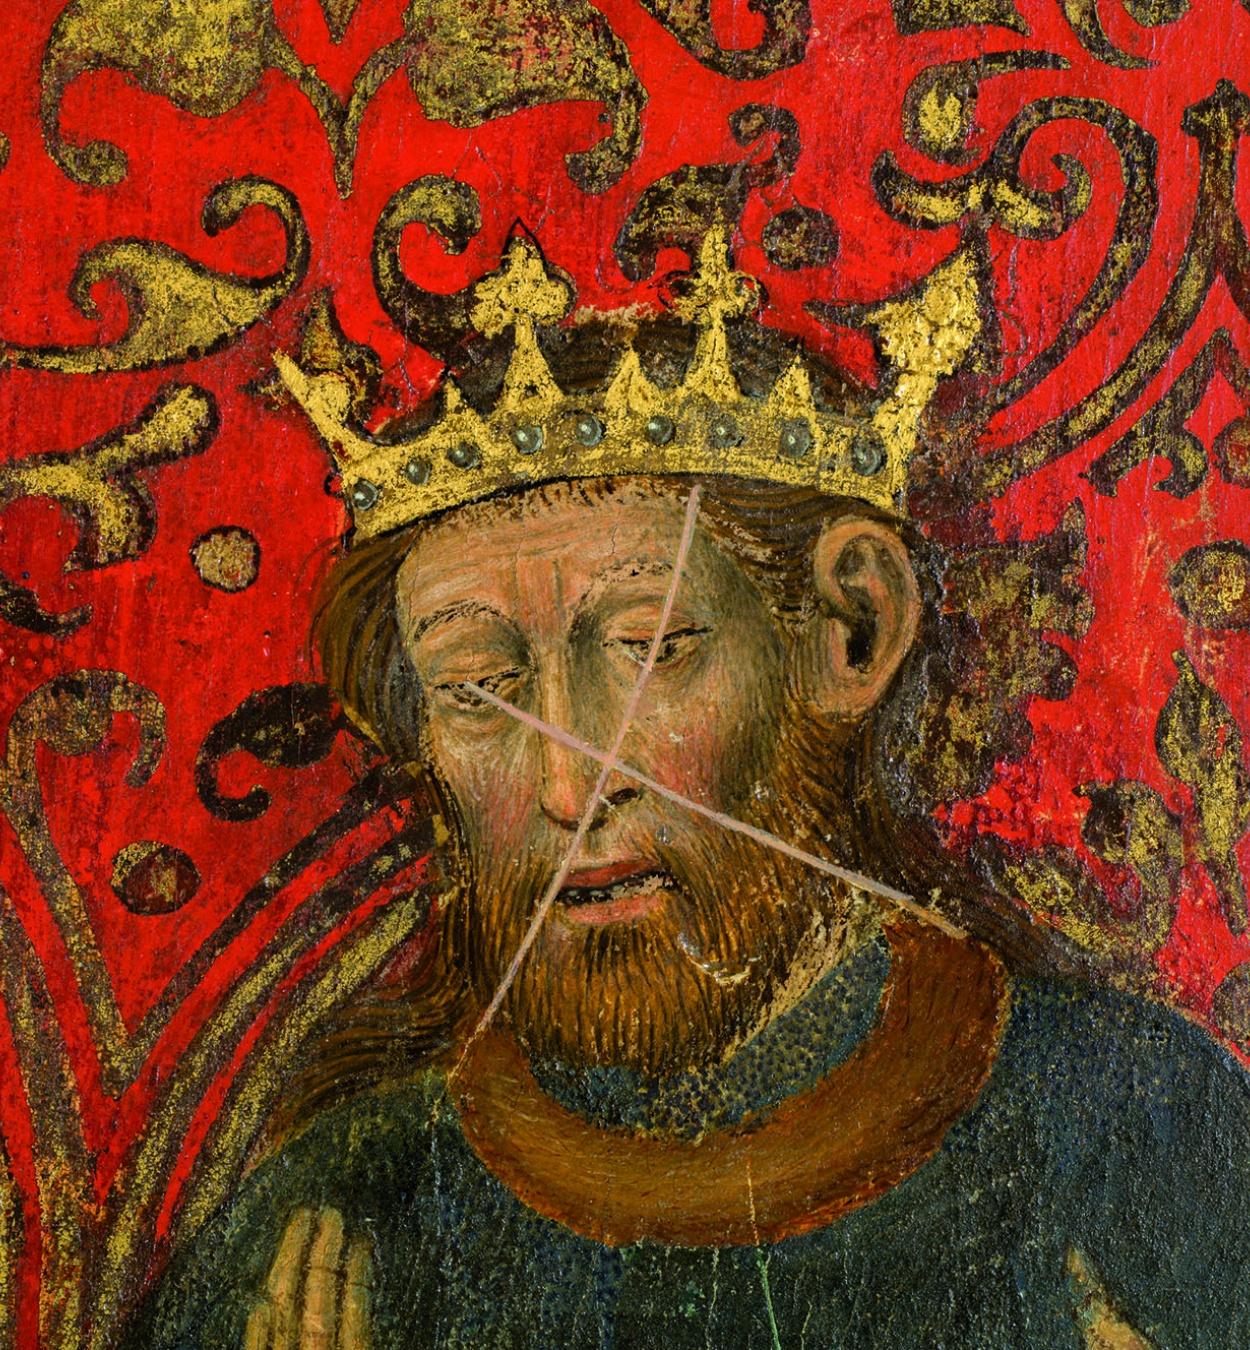 Bernat Martorell, Figura del Retaule dels Sants Joans, c. 1435-1445